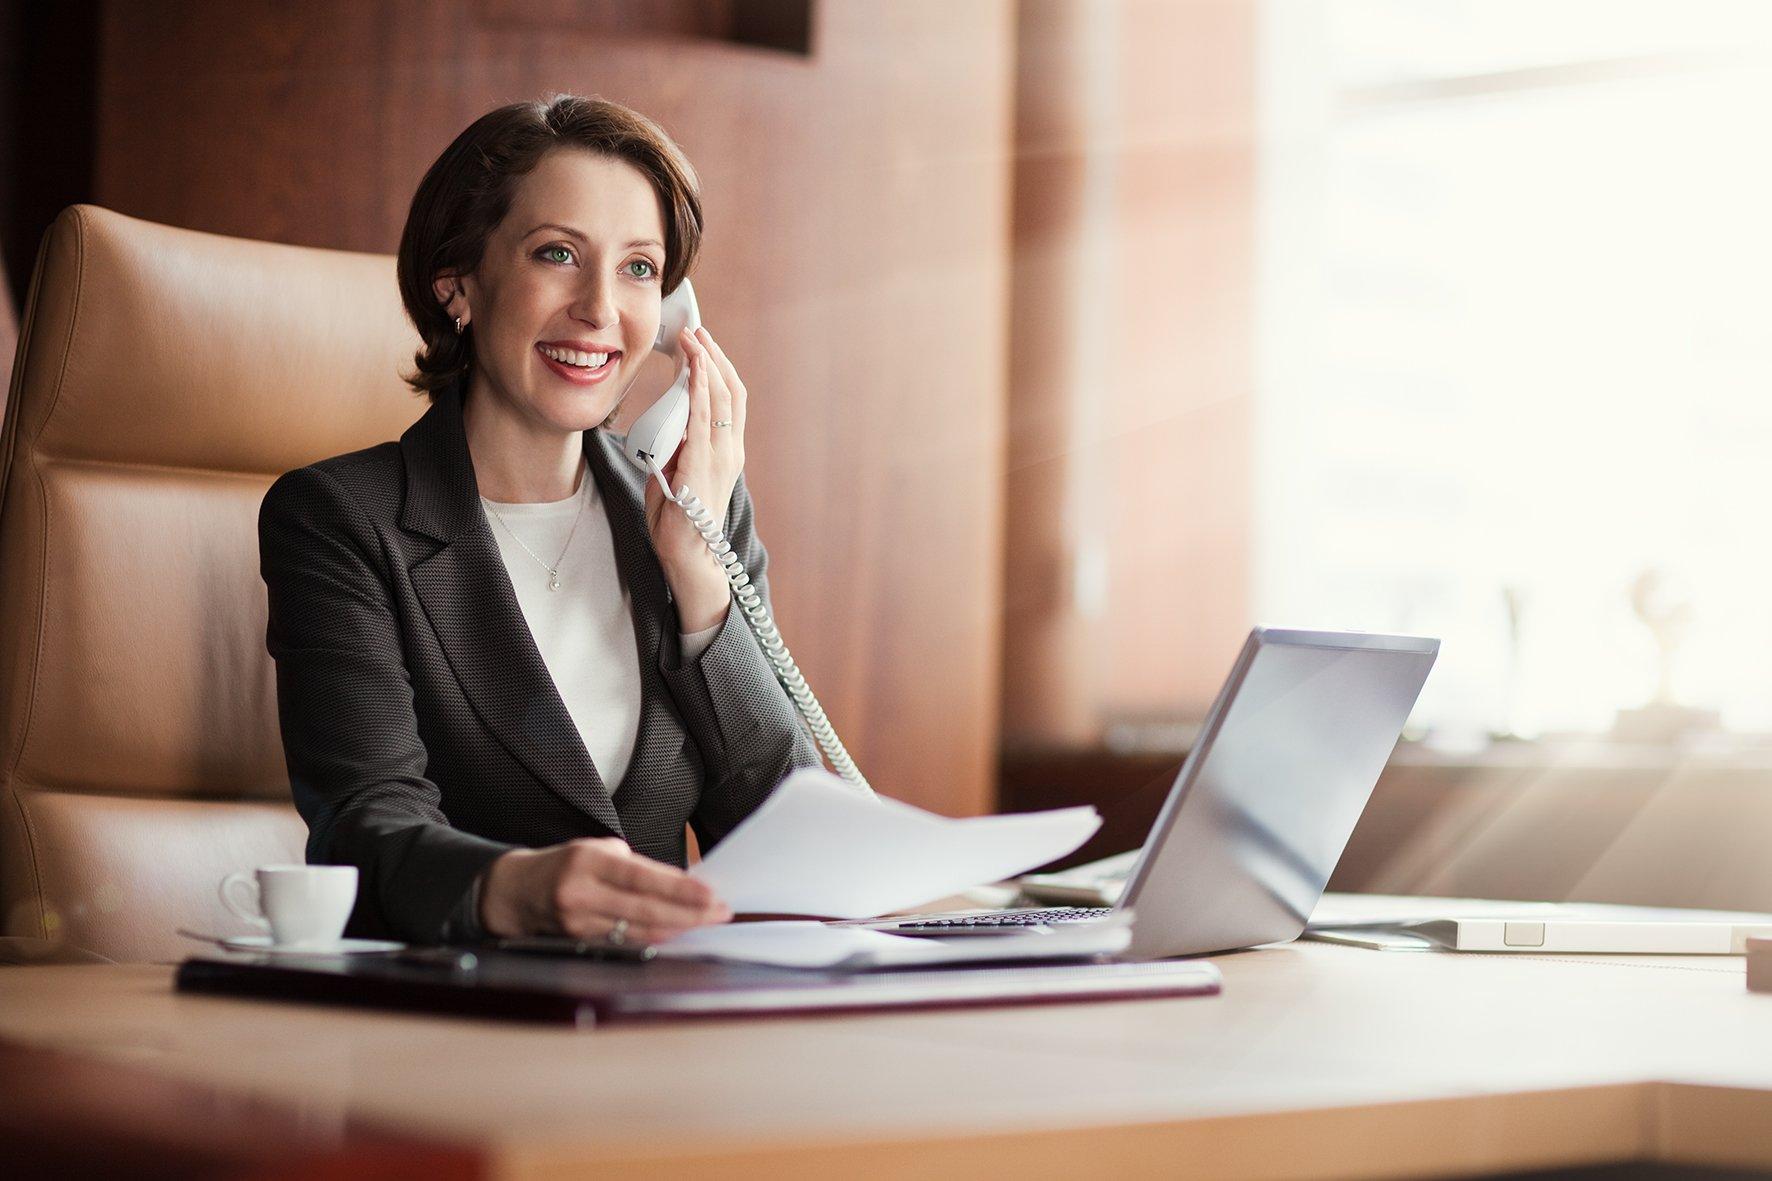 Телефонный этикет и стандарты профессионального телефонного общения